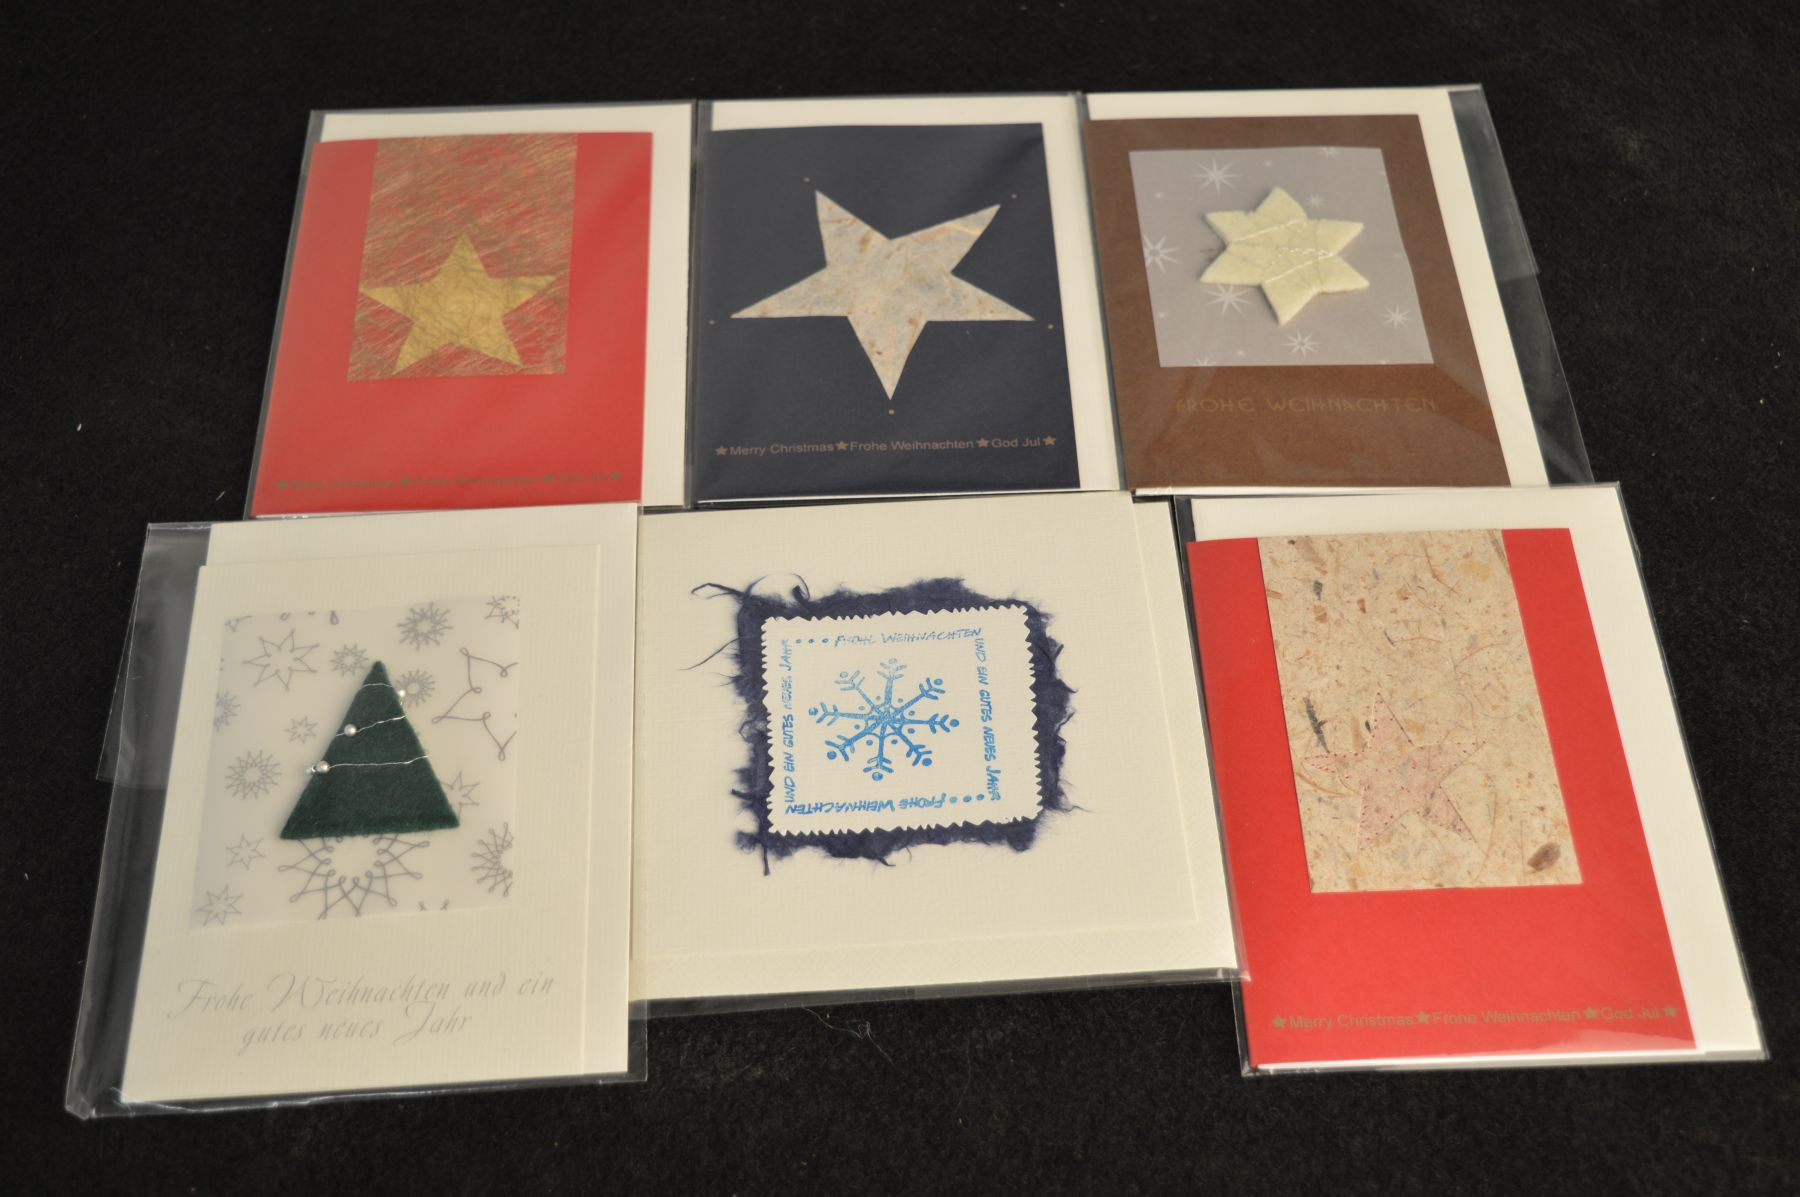 Kettler Gartenmobel Ulm : Startseite » Karten und Kerzen für jeden Zweck » Weihnachtskarte 7